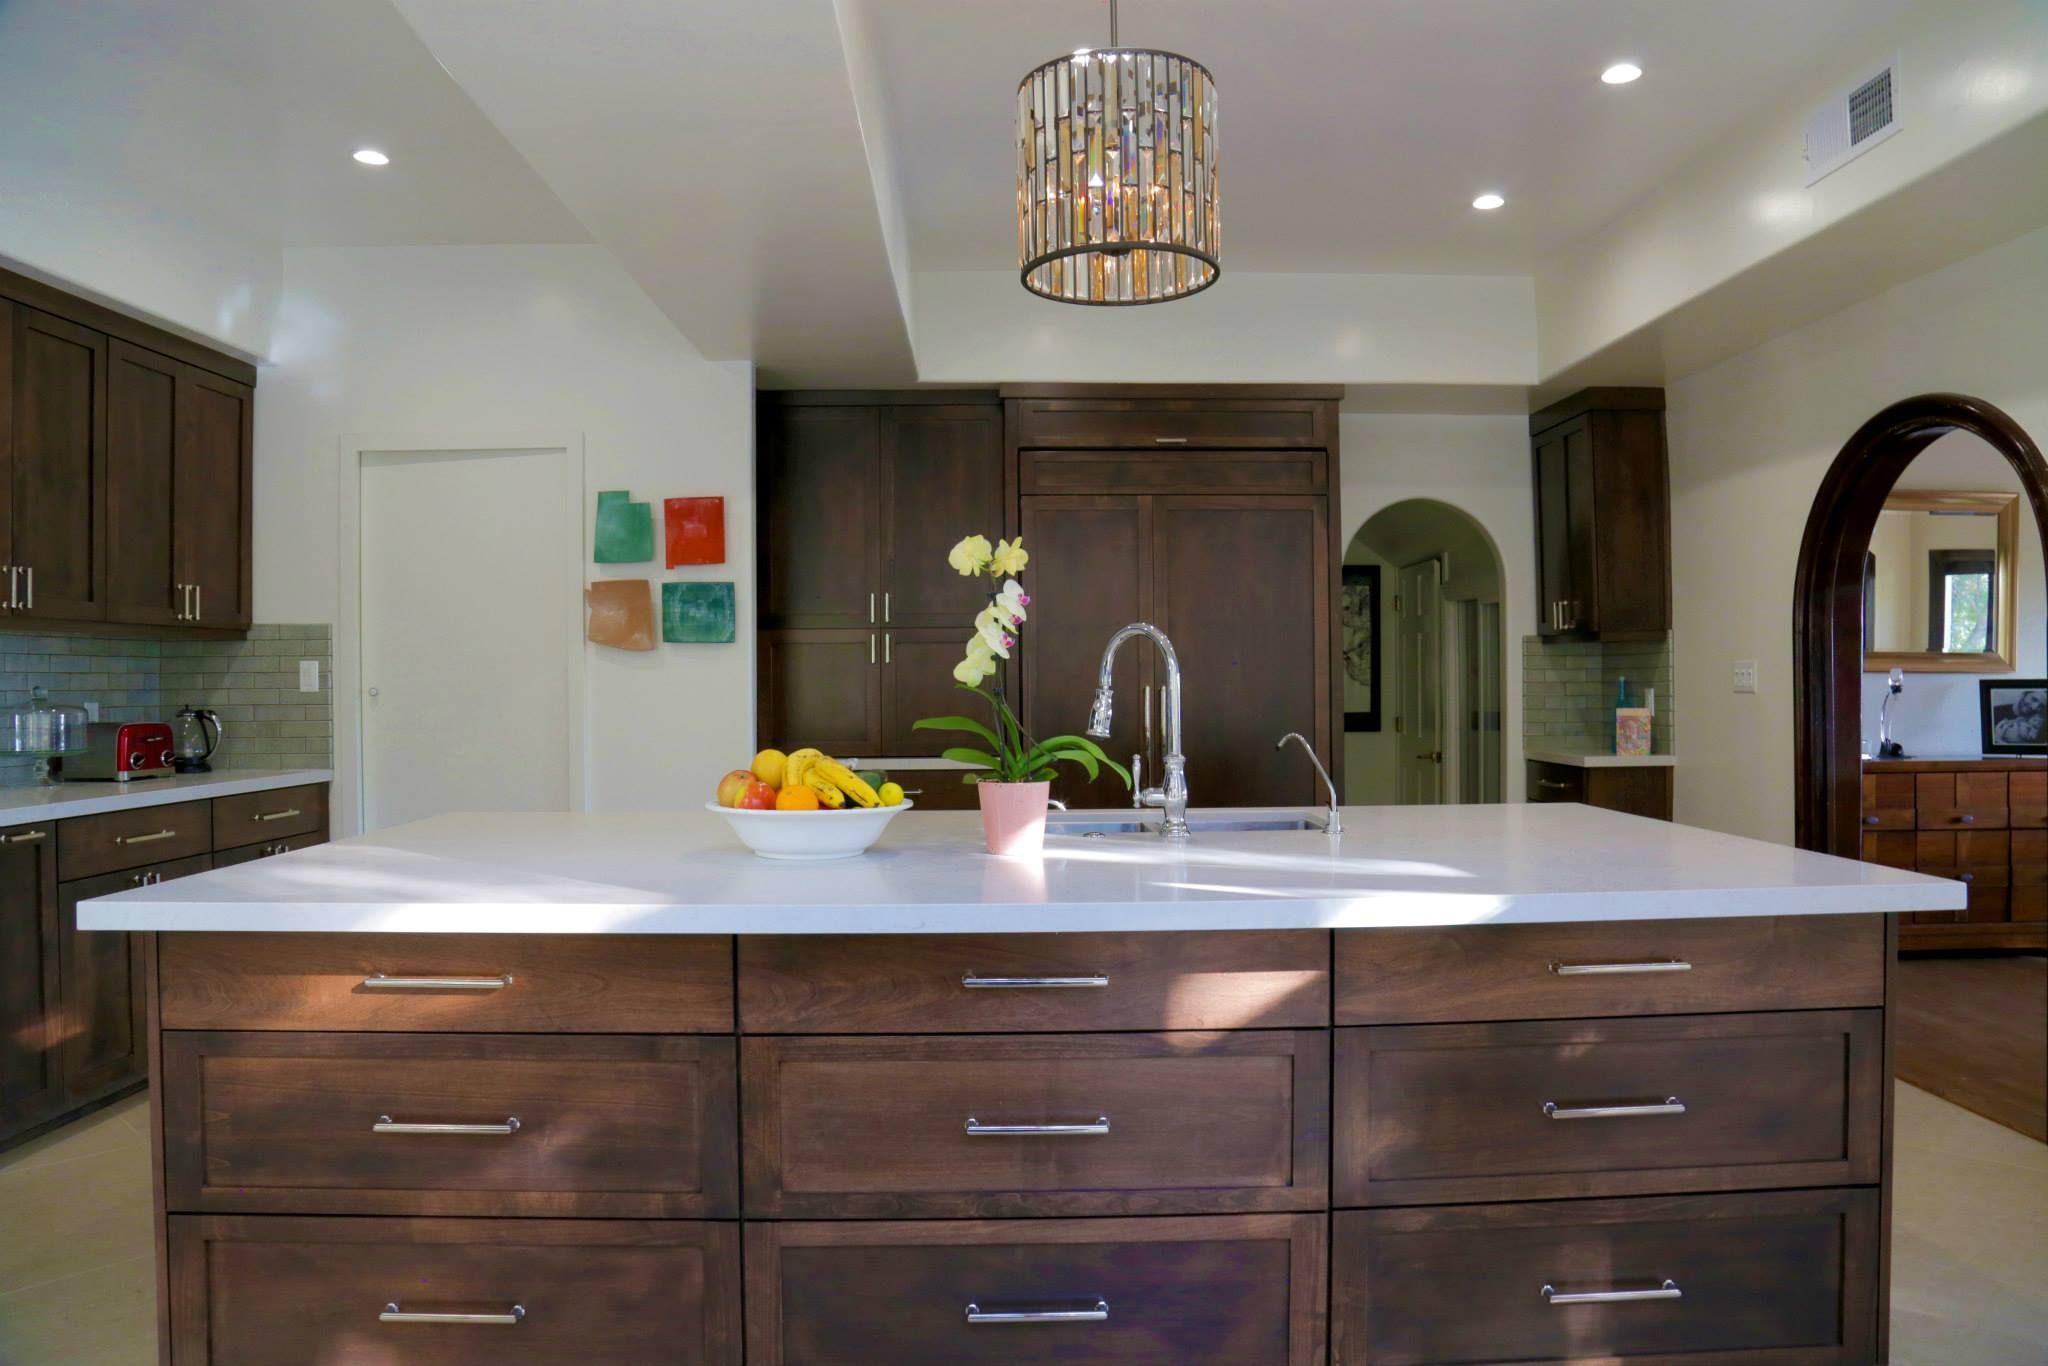 New Kitchen Cabinets Cost Estimator alkamedia.com ...